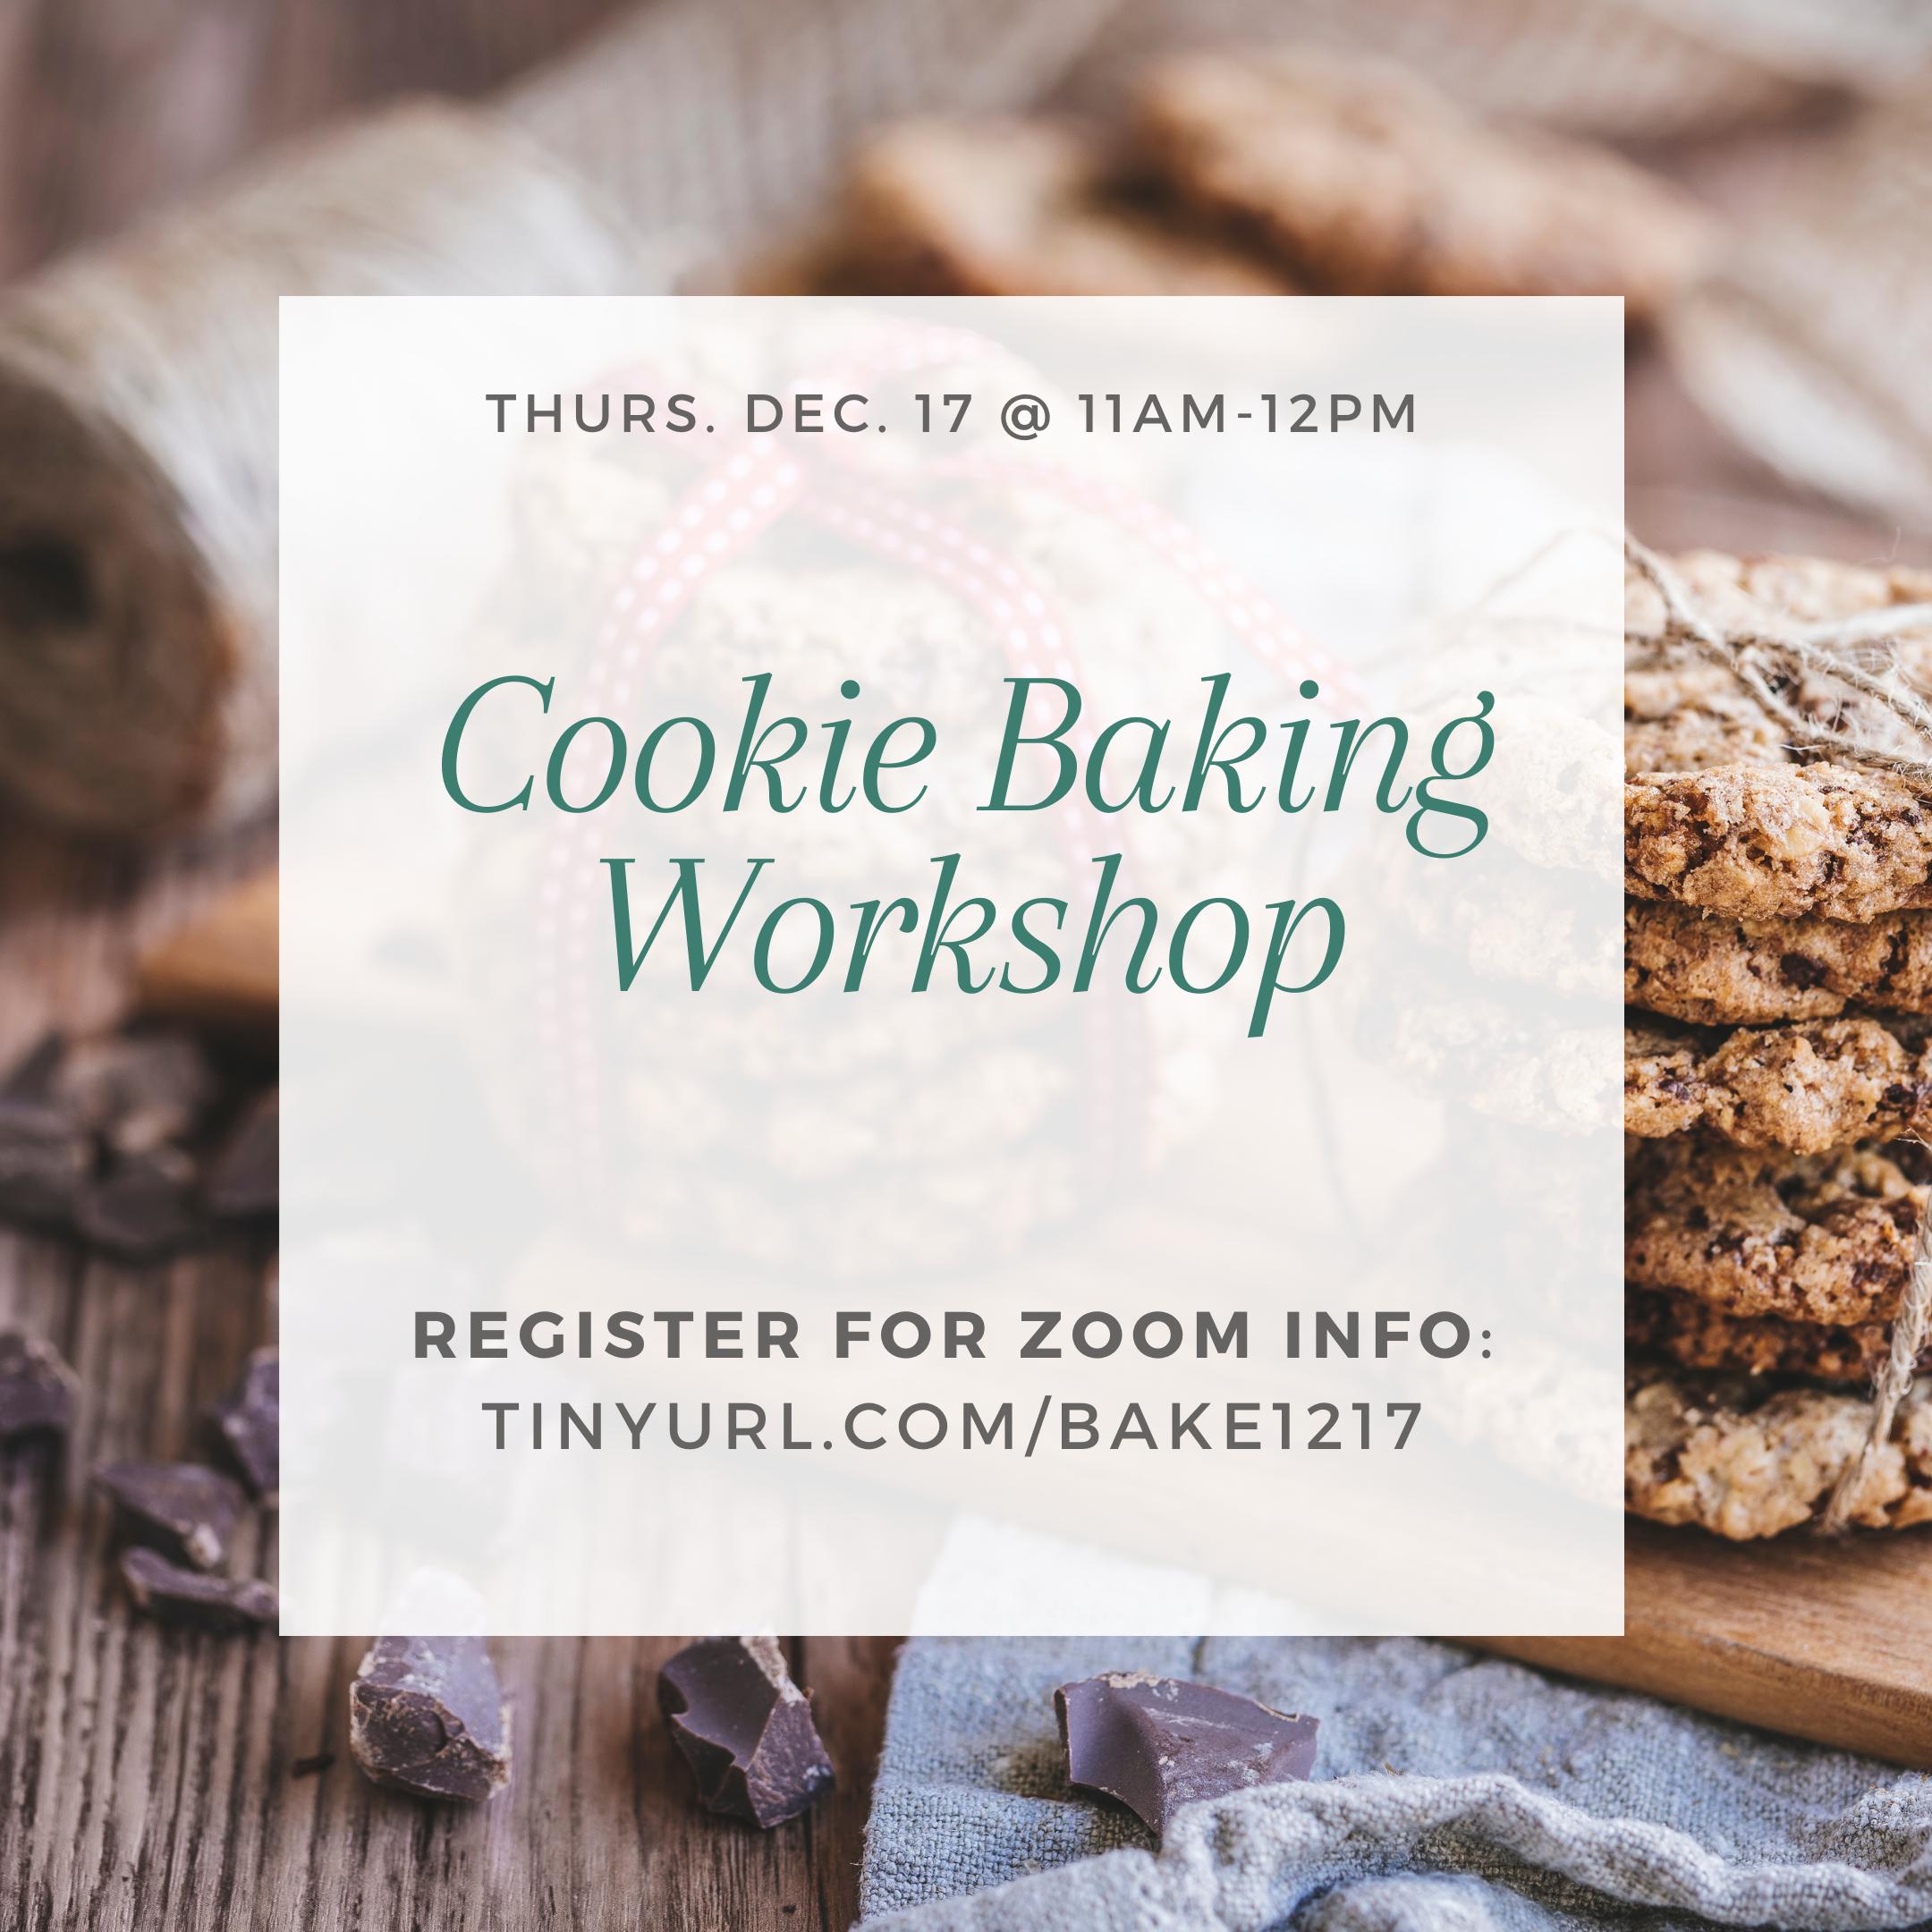 Cookie Baking Workshop @ Zoom Meeting ID: 964 8222 5573